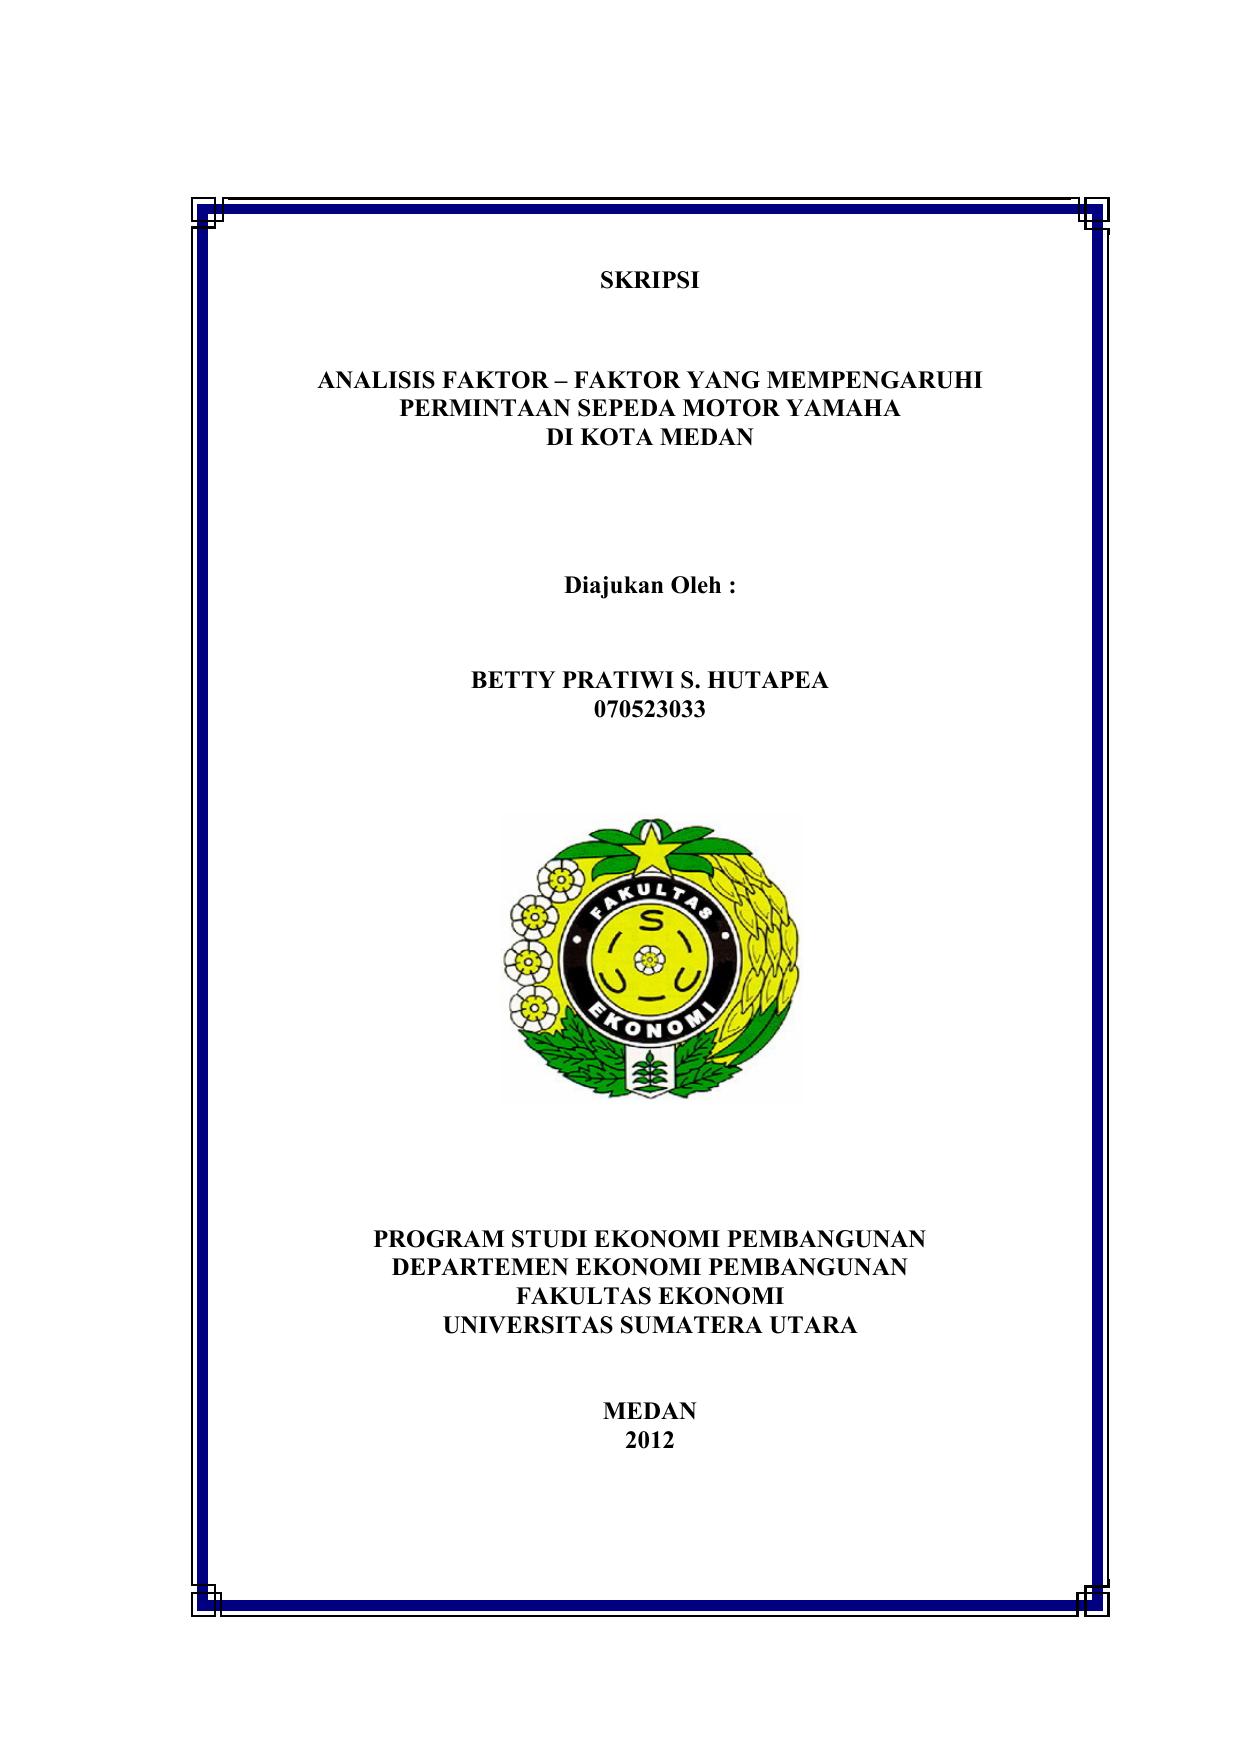 Skripsi Analisis Faktor Universitas Sumatera Utara